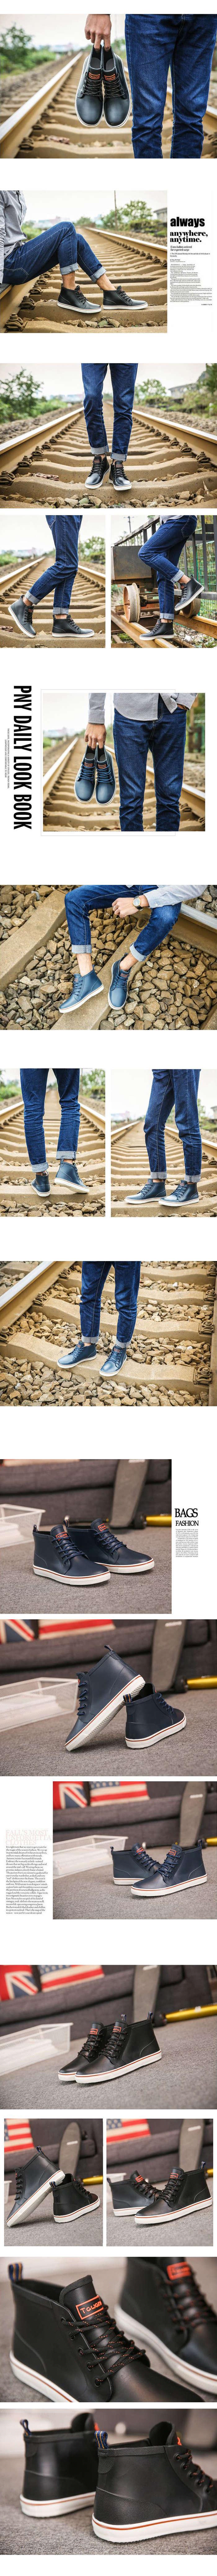 【季末出清】型男雨天必備短靴.雨靴